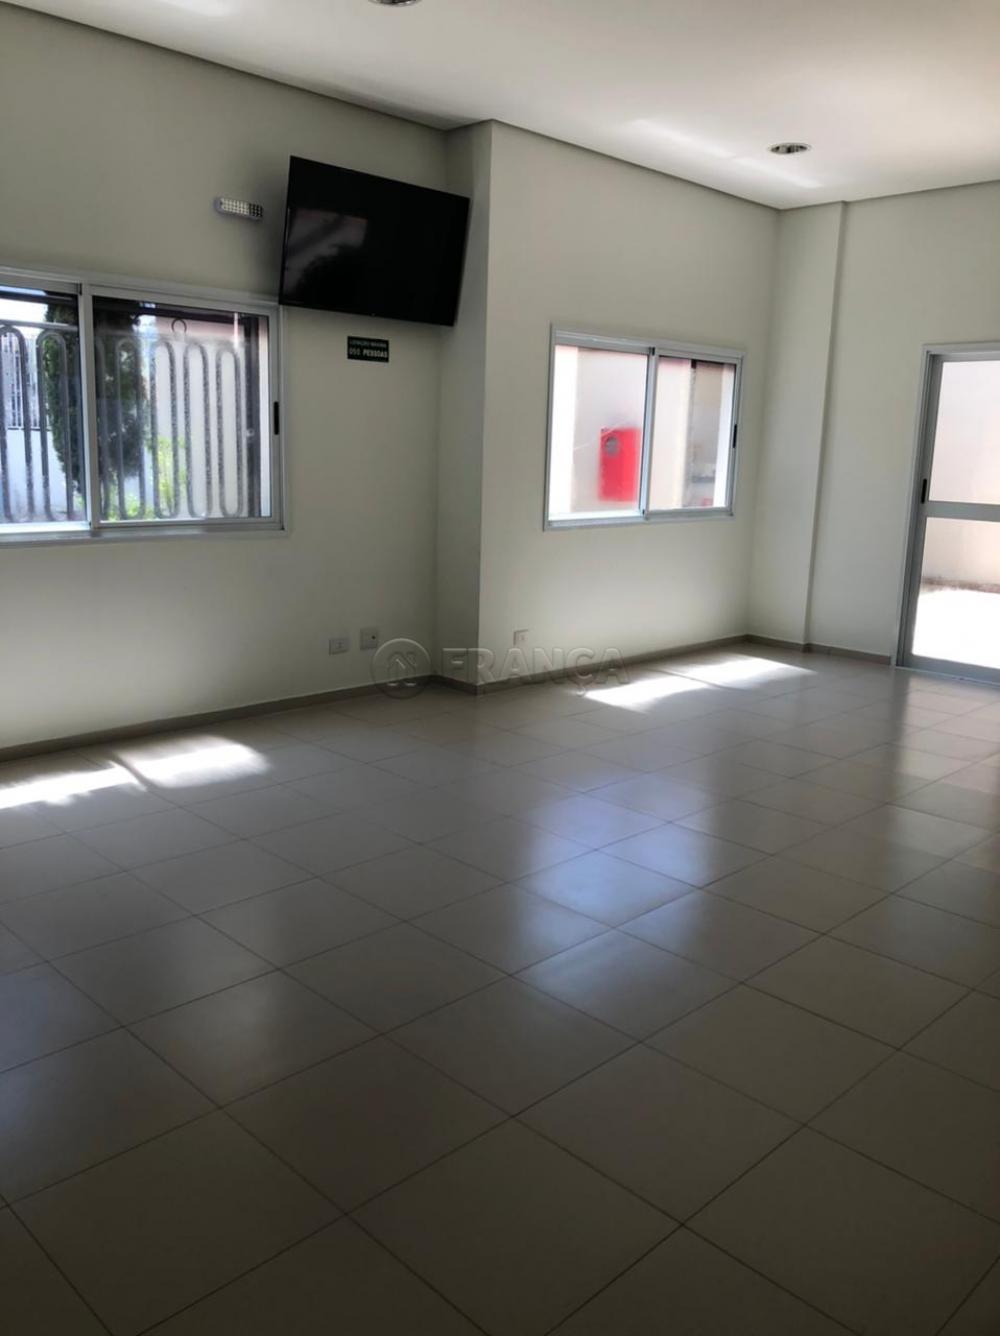 Alugar Apartamento / Padrão em Jacareí R$ 1.500,00 - Foto 21